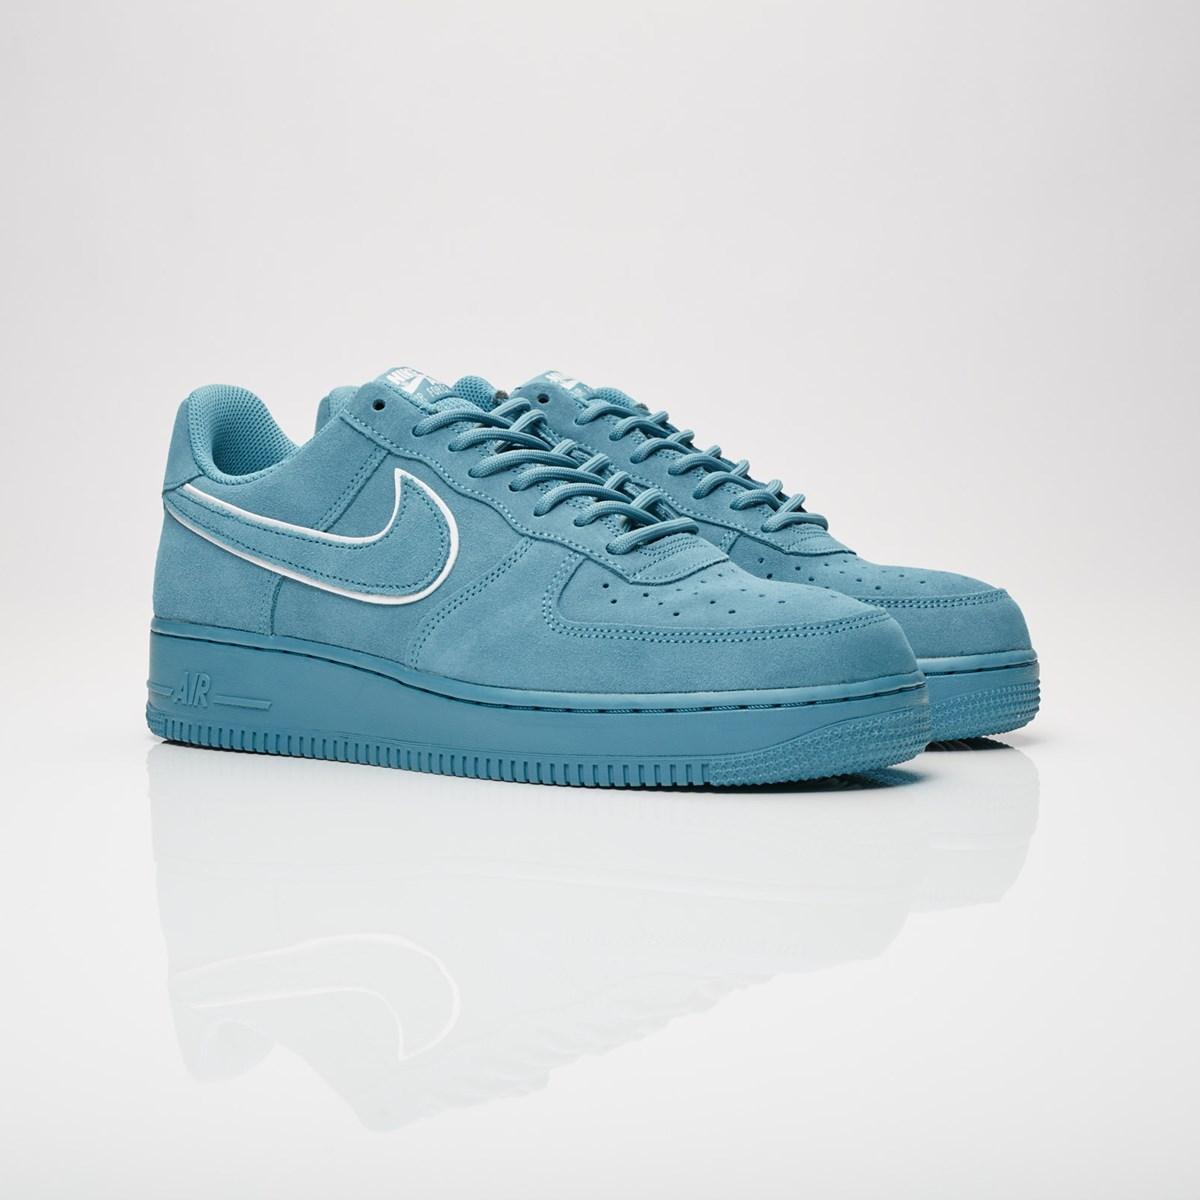 hot sale online f497e da884 nike air force 1 07 lv8 suede aa1117 400 sneakers   streetwear på nätet sen  1999